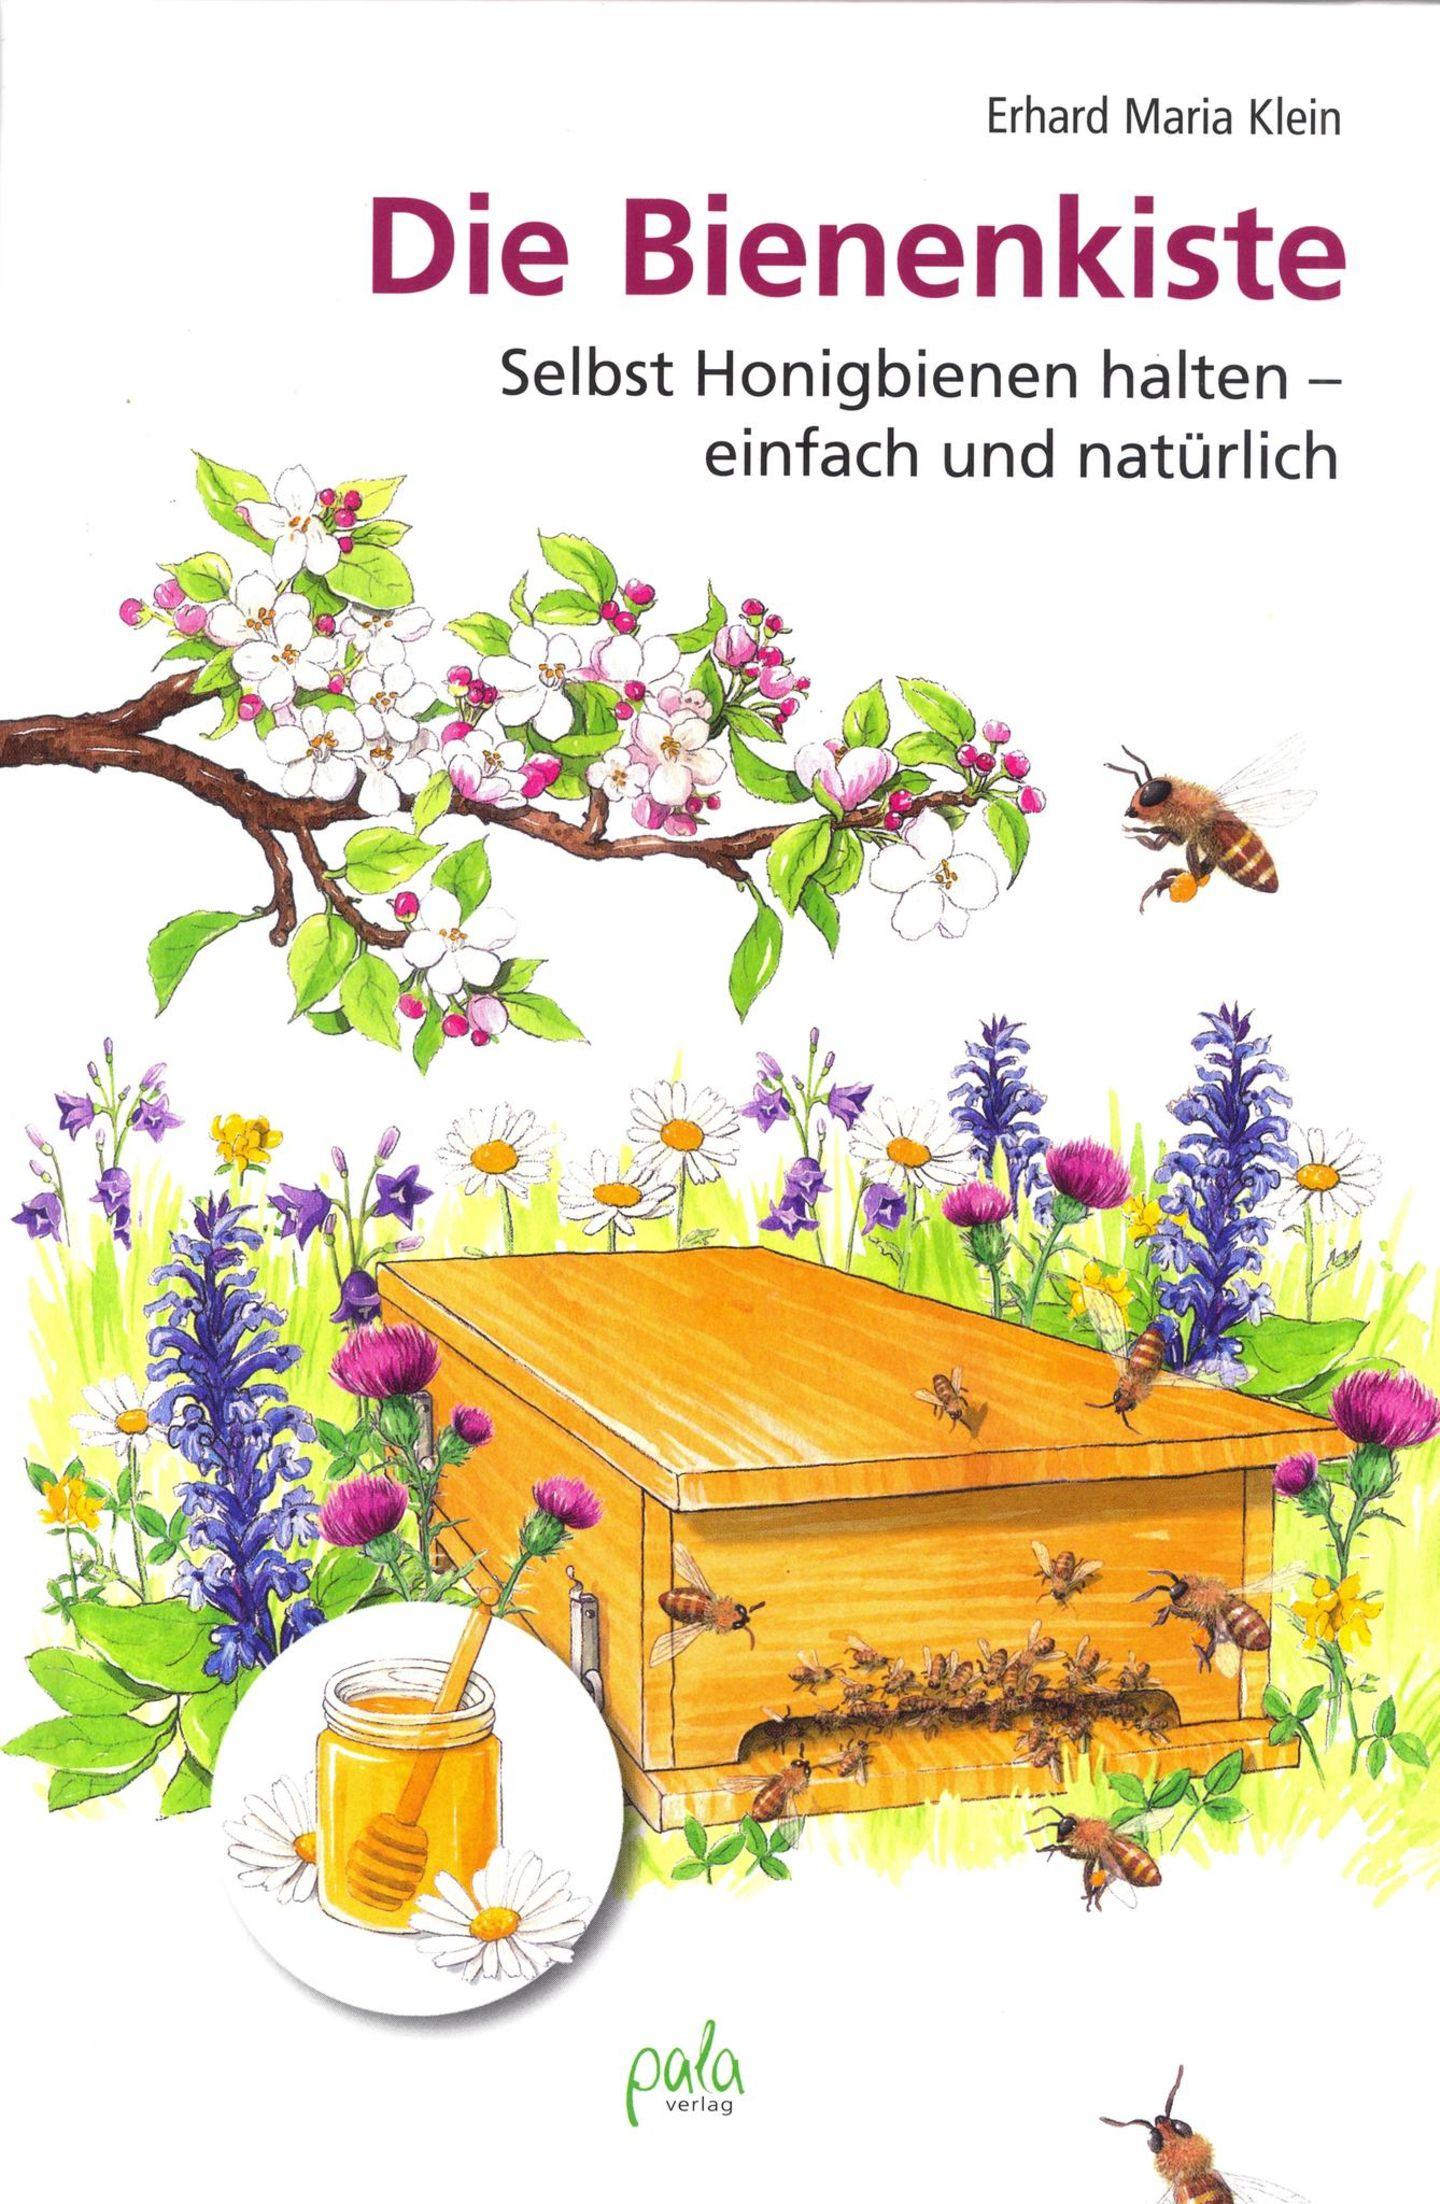 Die Bienenkiste  Von Erhard M. Klein  Wer aktiv gegen das Bienensterben und für die Natur etwas tun möchte, kann sich eine sogenannte Bienenkiste in den Garten stellen und selbst in die Imkerei einsteigen. Im Gegensatz zu den weithin üblichen Bienenstöcken der professionellen Imker, bauen die Bienen in diesen Kisten so, wie sie es auch in der Natur tun würden. Für die Honiggewinnung sind diese Beutendaher weniger geeignet, weildie Bienen ihre Brutoft zwischen die Honigwaben legen. Die Kiste,die Imker-Grundausrüstung und natürlich das Volk samt Königin sind eine Investition von ein paar hundert Euro.Vom Zeitaufwand ganz zu schweigen. Wer sich für die Bienenkiste interessiert, sich aber noch nicht sicher ist, sollte zunächst einen Blick in dieses Buch werfen. Der zweite Schritt wäre dann ein Imker-Seminar oder die Mitgliedschaft in einem Verein wie die Stadtbienen. Keine Bange: Selbst wenn die Kiste neben Ihrer Terrasse oder auf dem Balkon steht, werden sie von den fleißigen Insekten nicht behelligt. Die haben Futterquellen, die verlockender sind als ein Marmeladenbrot.